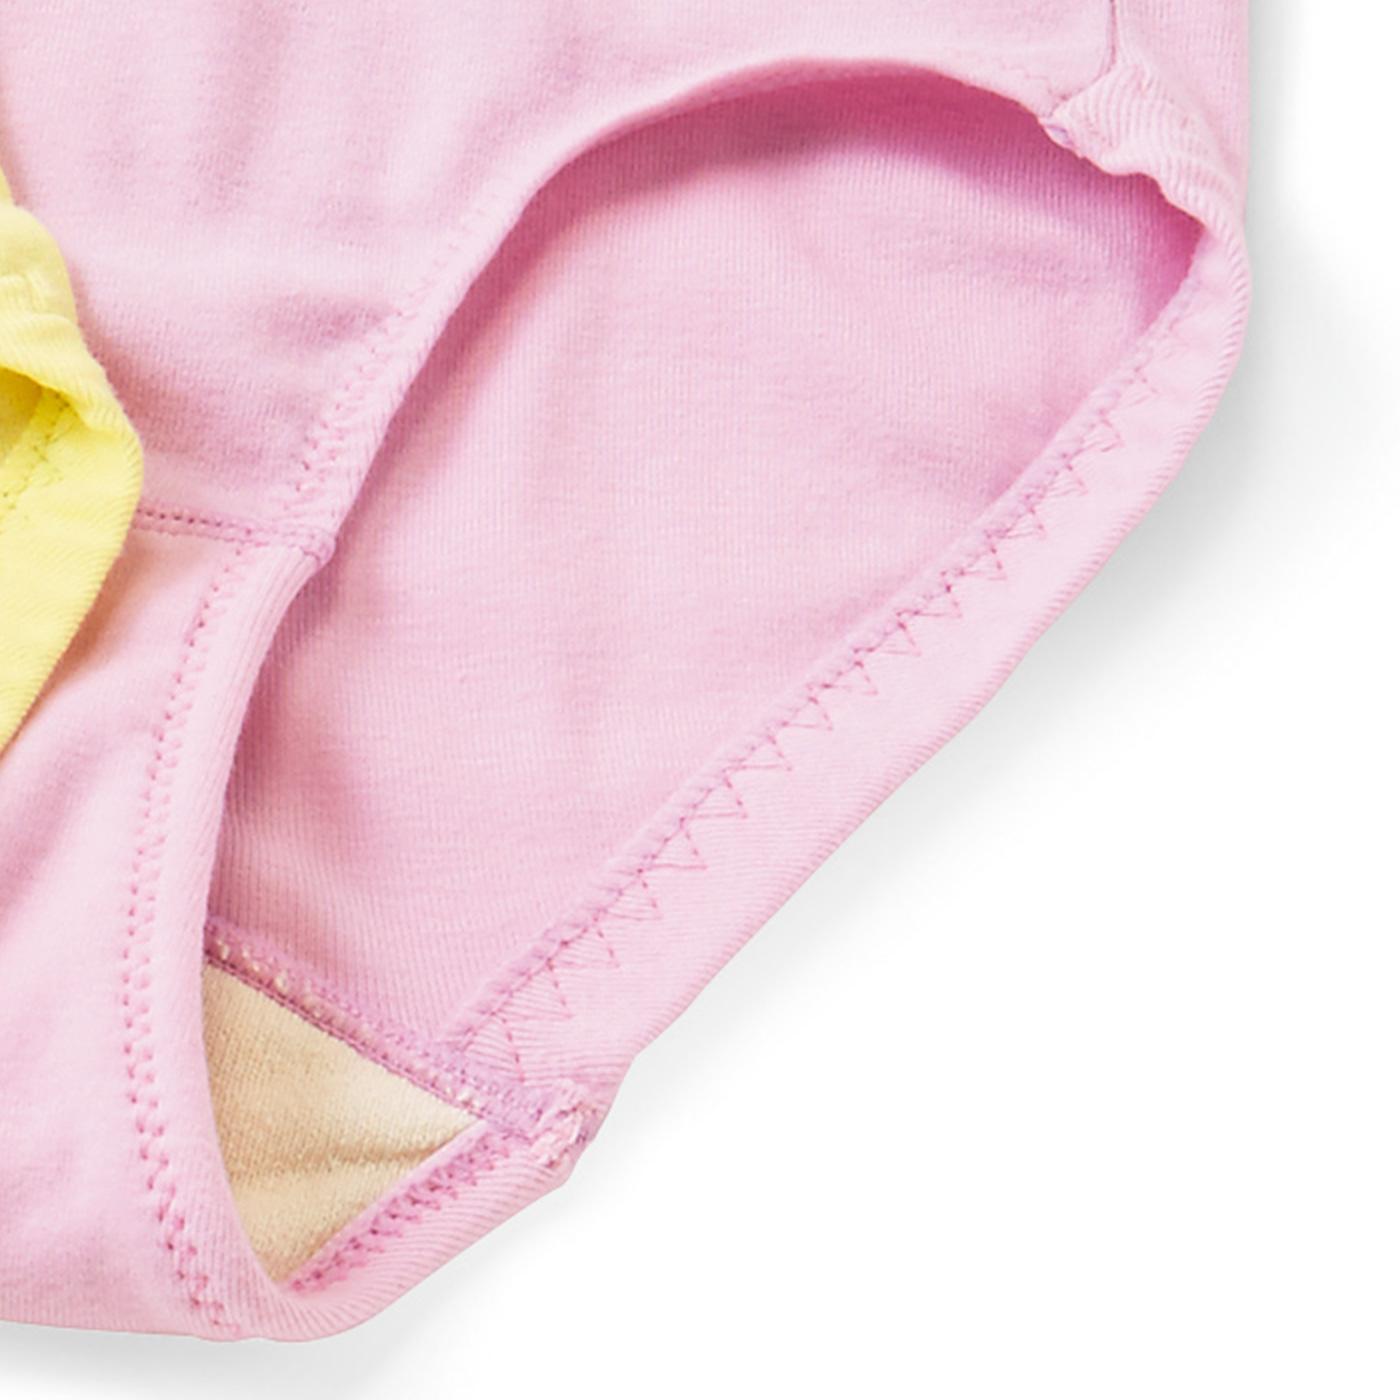 ゴムが太めで安定感があり、脚の付け根を締め付けにくいはき心地。